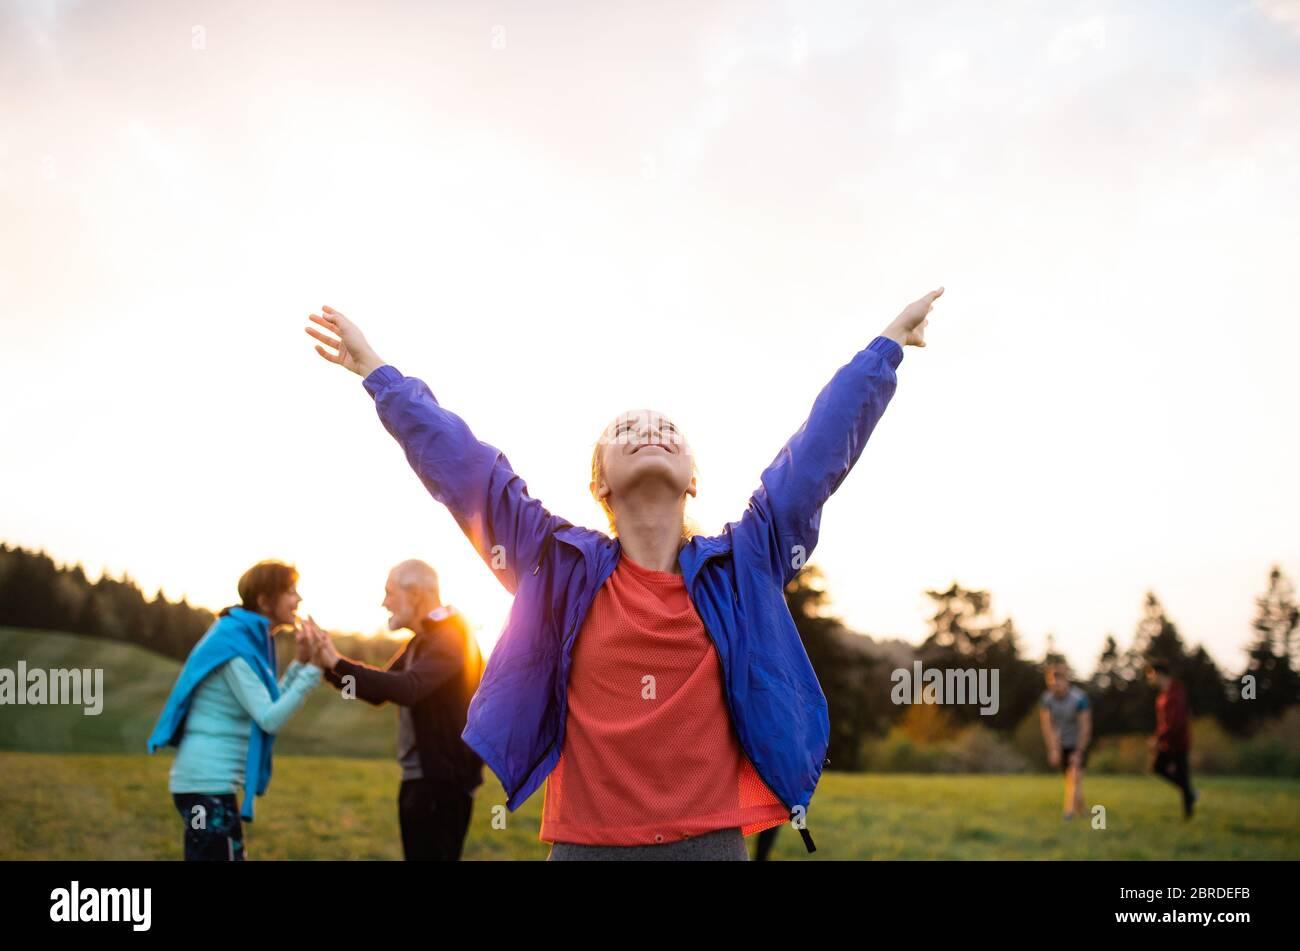 Un portrait de jeune femme avec un grand groupe de personnes faisant de l'exercice dans la nature. Banque D'Images